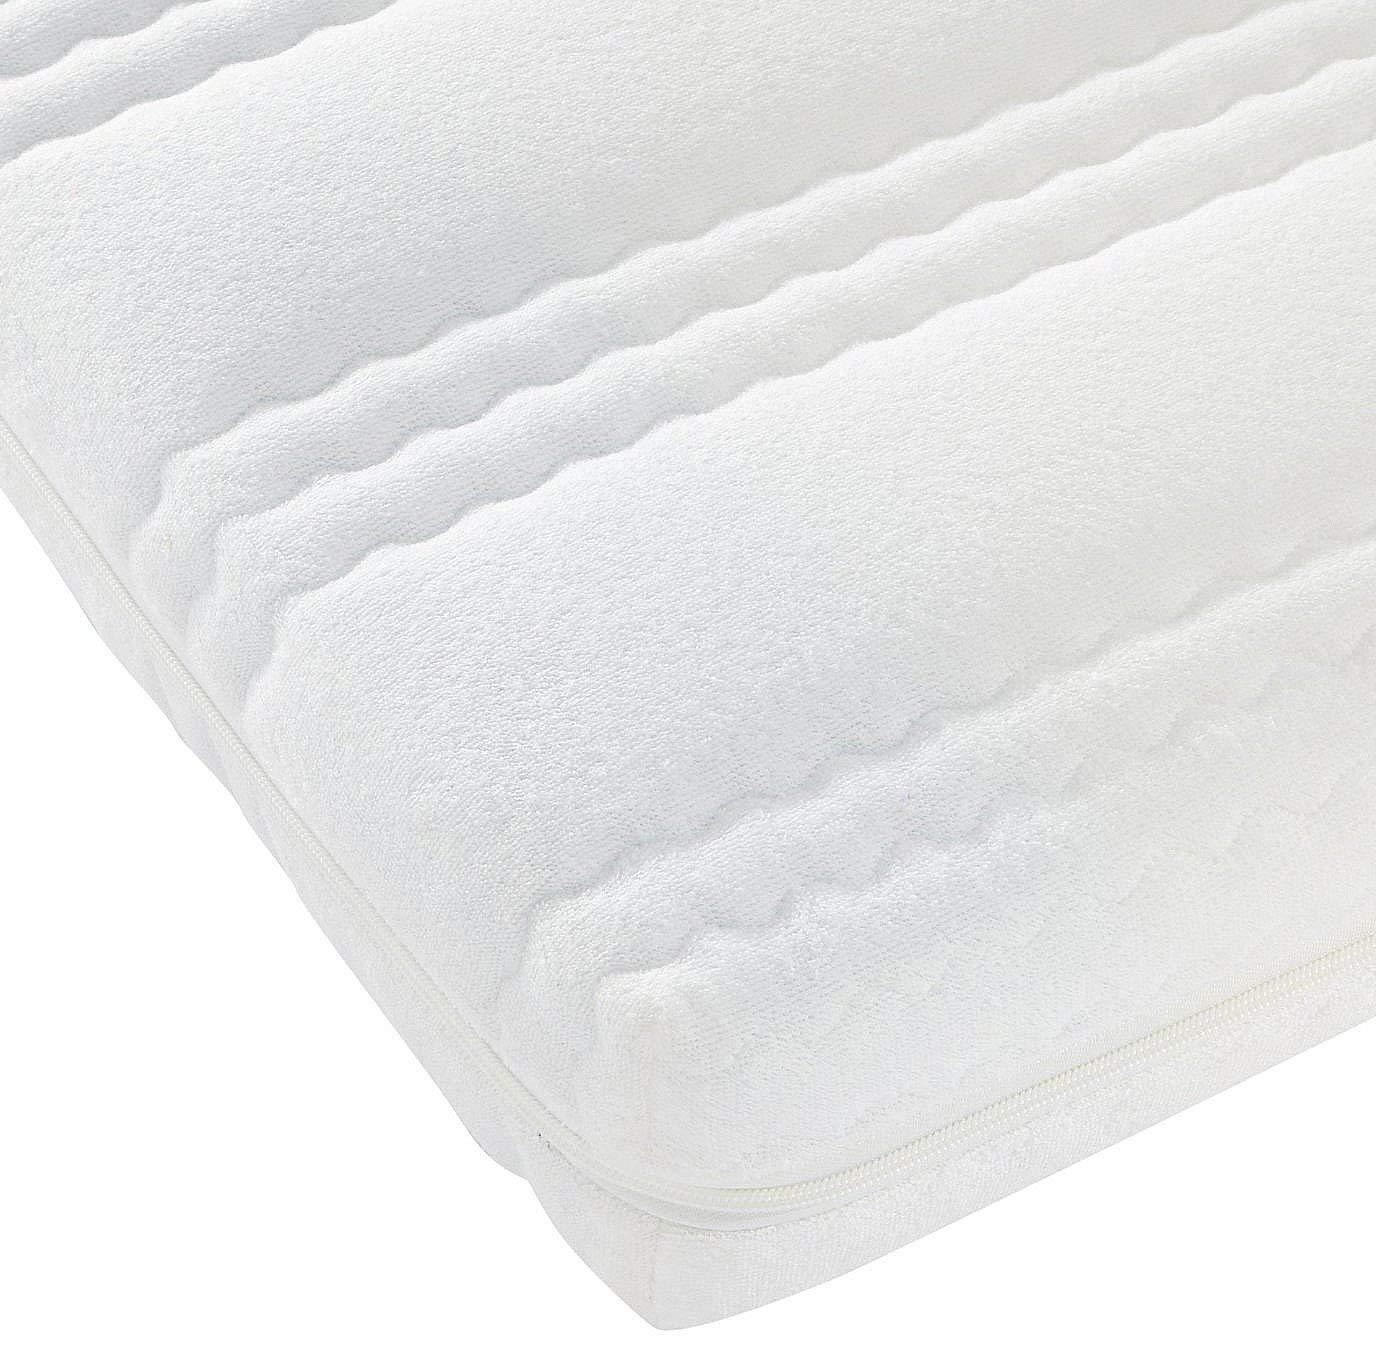 Best For Kids Kinderbett-Matratze Kesja 60x120x10 cm bis 90x200x14 cm, Qualität nach Ökotex 100 - Standard und TÜV Gesteppte und Weiche Kindermatratze aus Frottee mit Trittkante (90x200x10 cm)